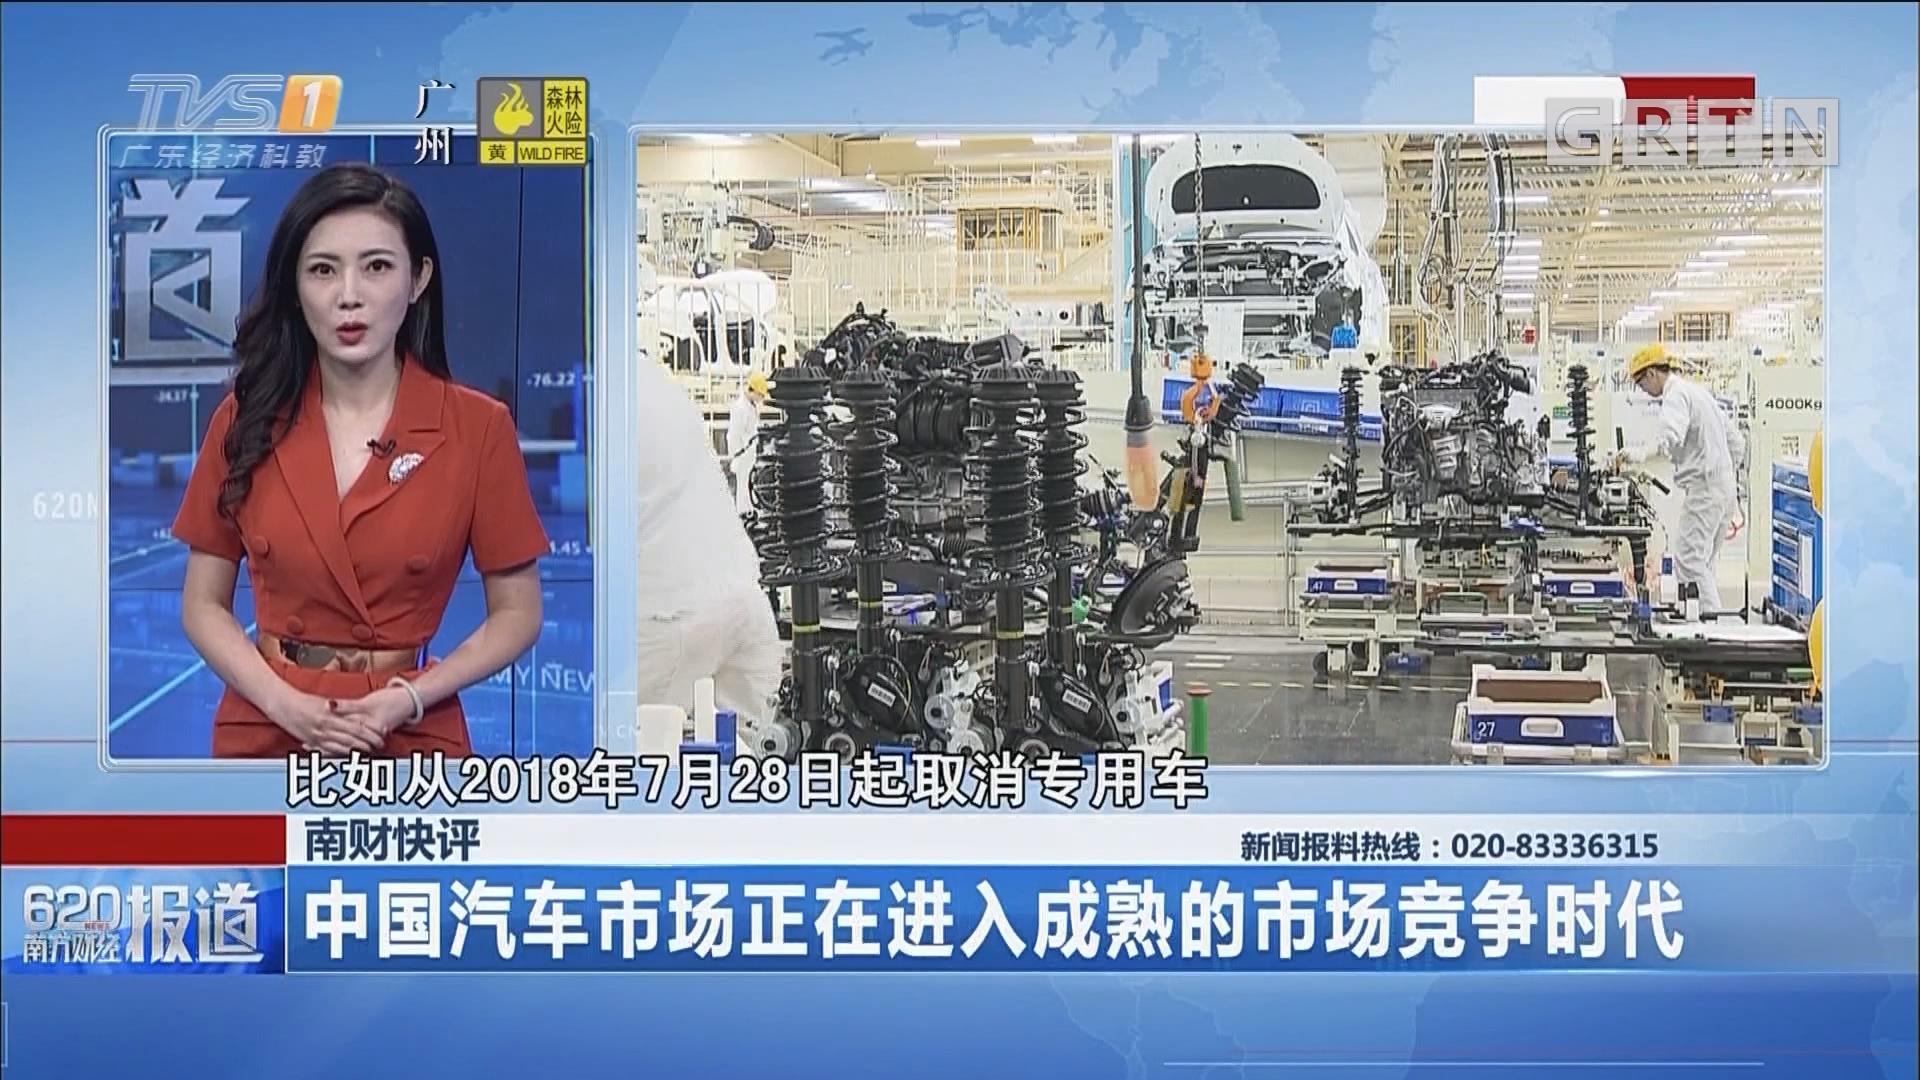 南财快评 中国汽车市场正在进入成熟的市场竞争时代